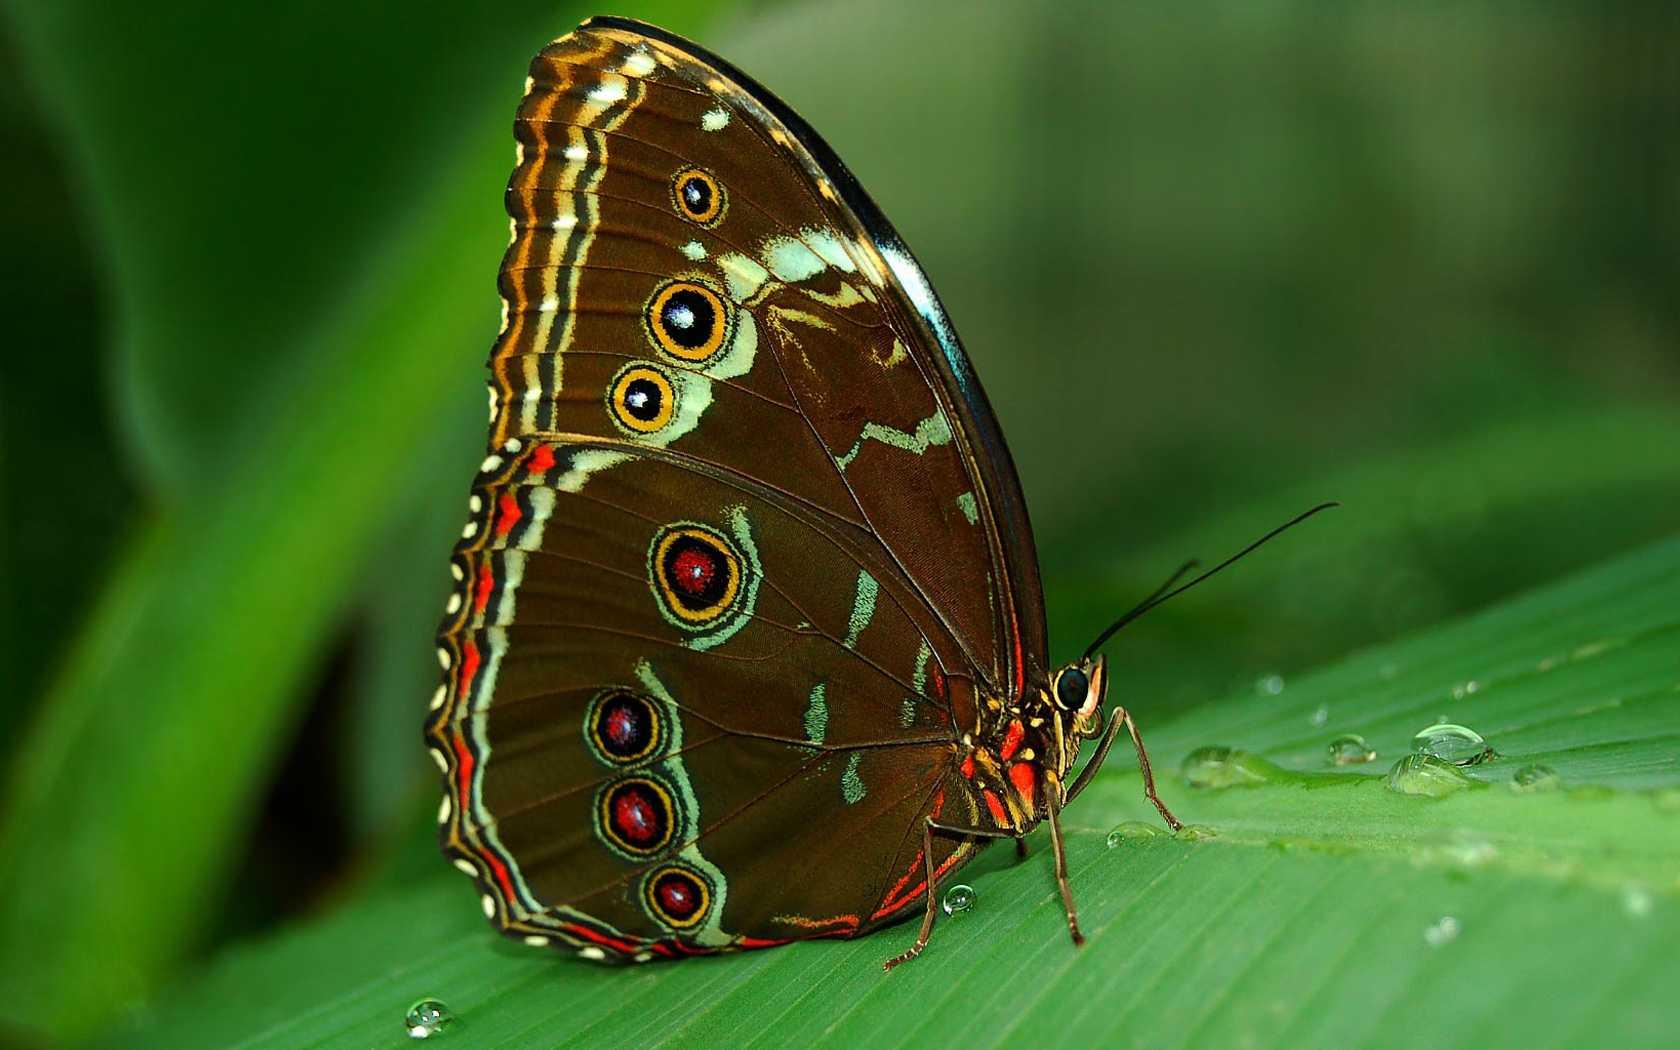 Black Butterfly Wallpaper - Butterfly Wallpaper For Desktop , HD Wallpaper & Backgrounds